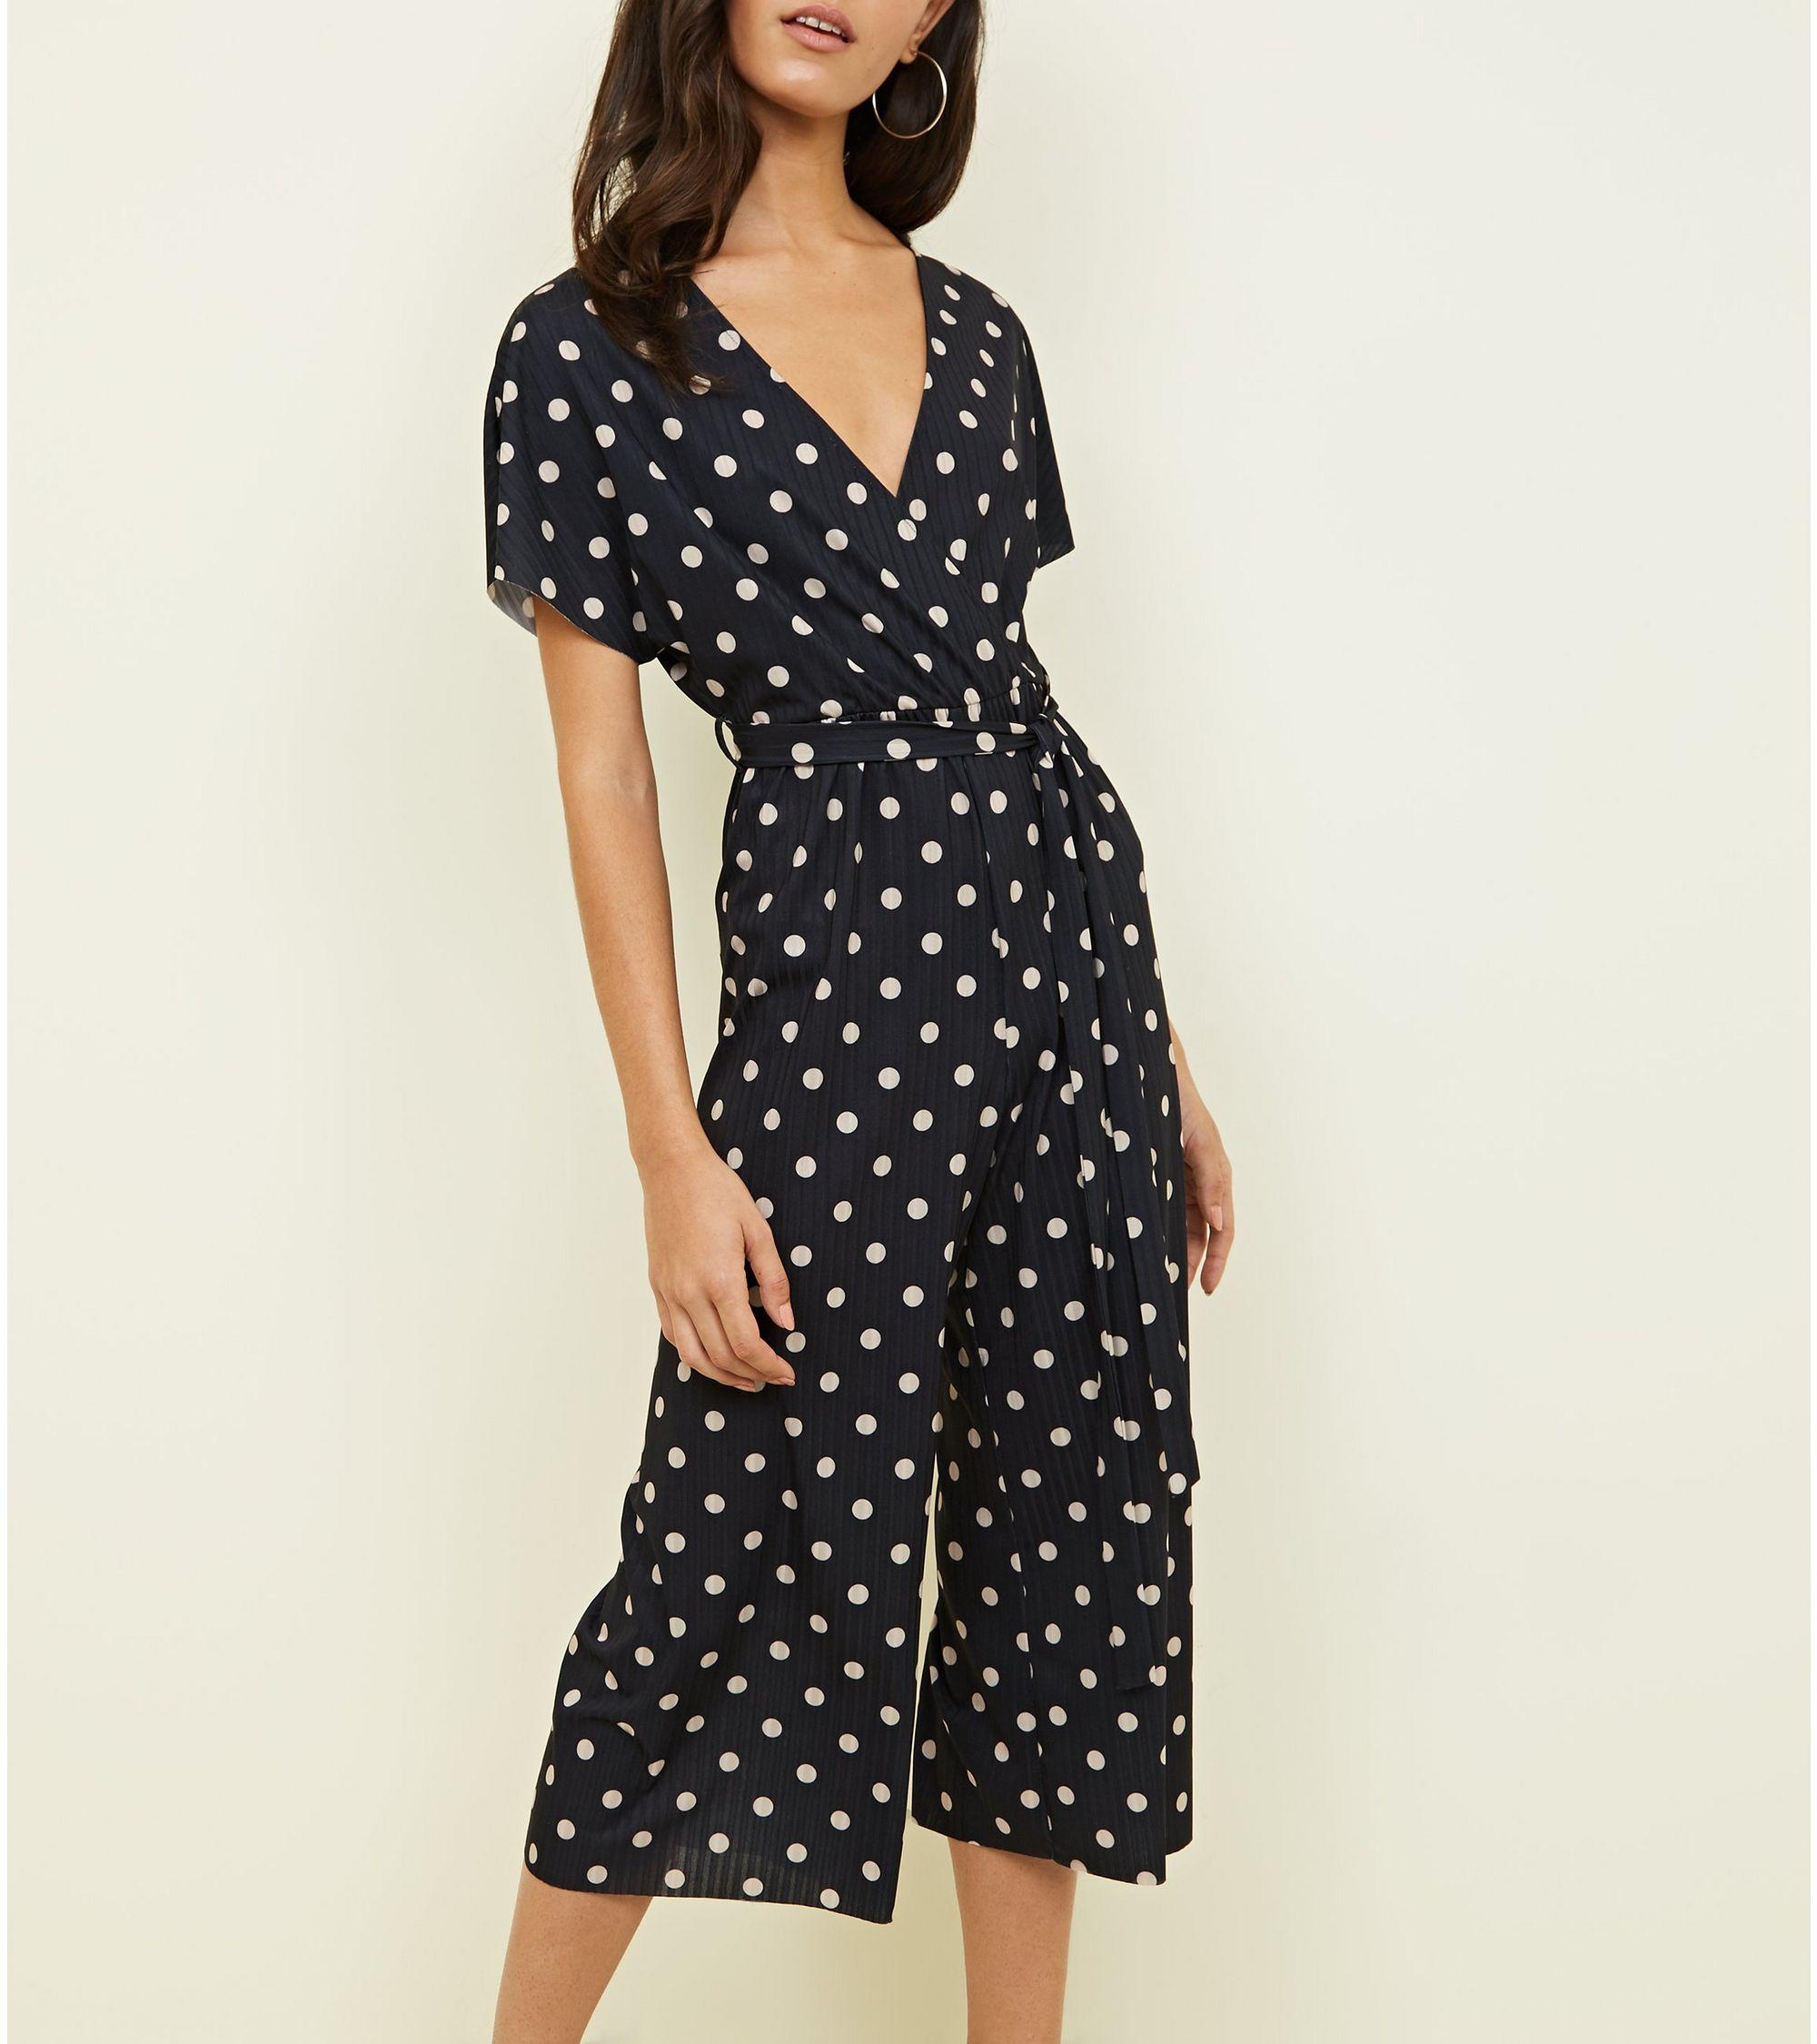 0e8af8f7d5 New Look Black Spot Print Wrap Culotte Jumpsuit at £12